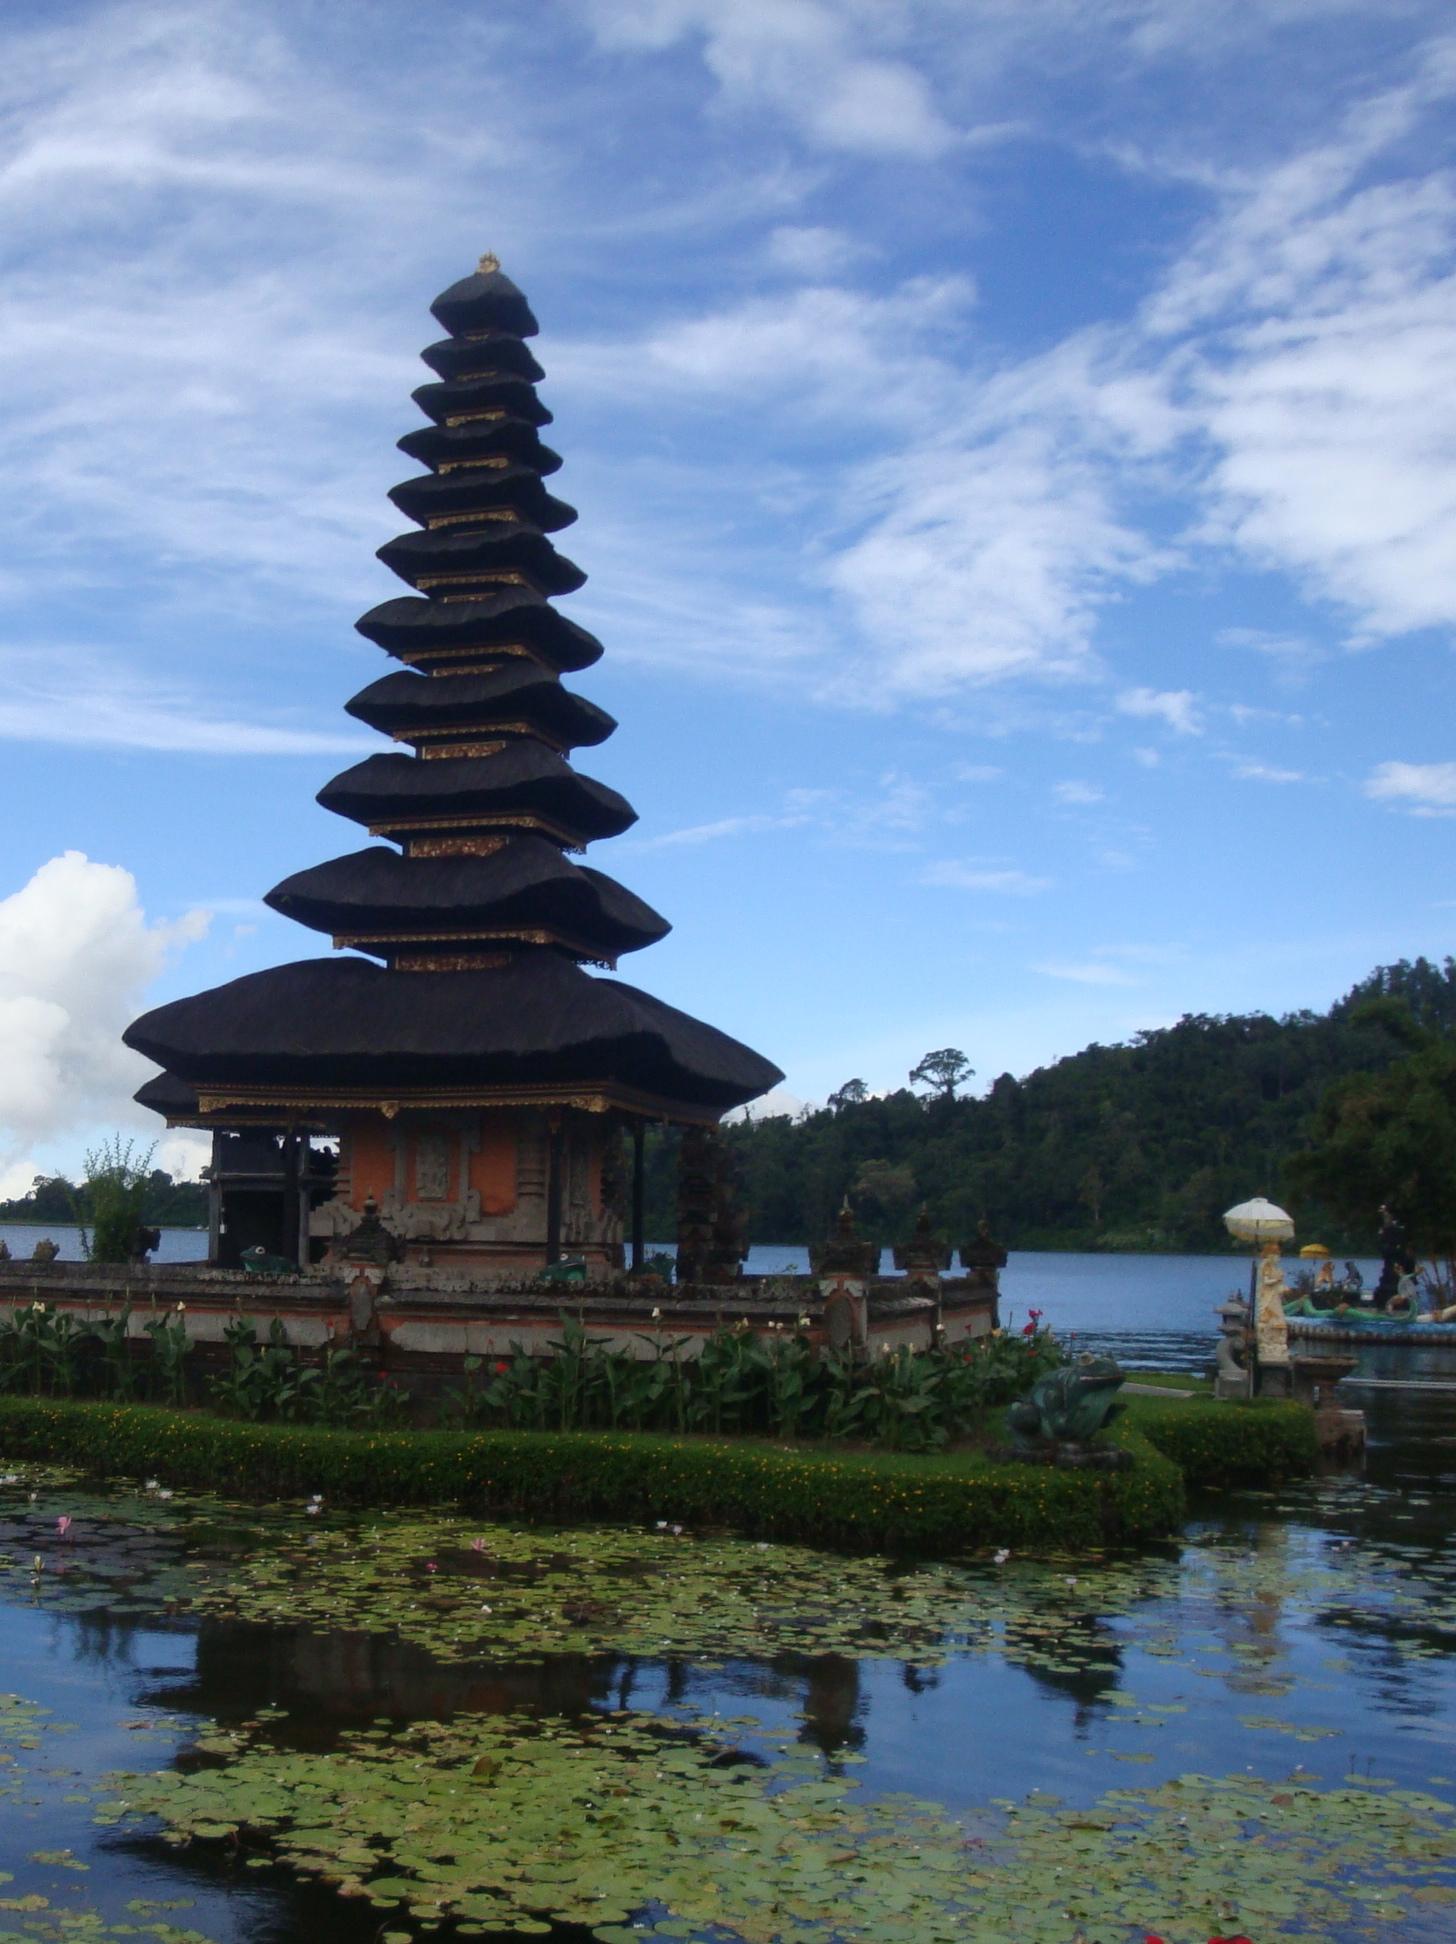 Pura Ulun Danu Bratan, a famous Hindu temple on Lake Bratan near Bedugul, Bali.